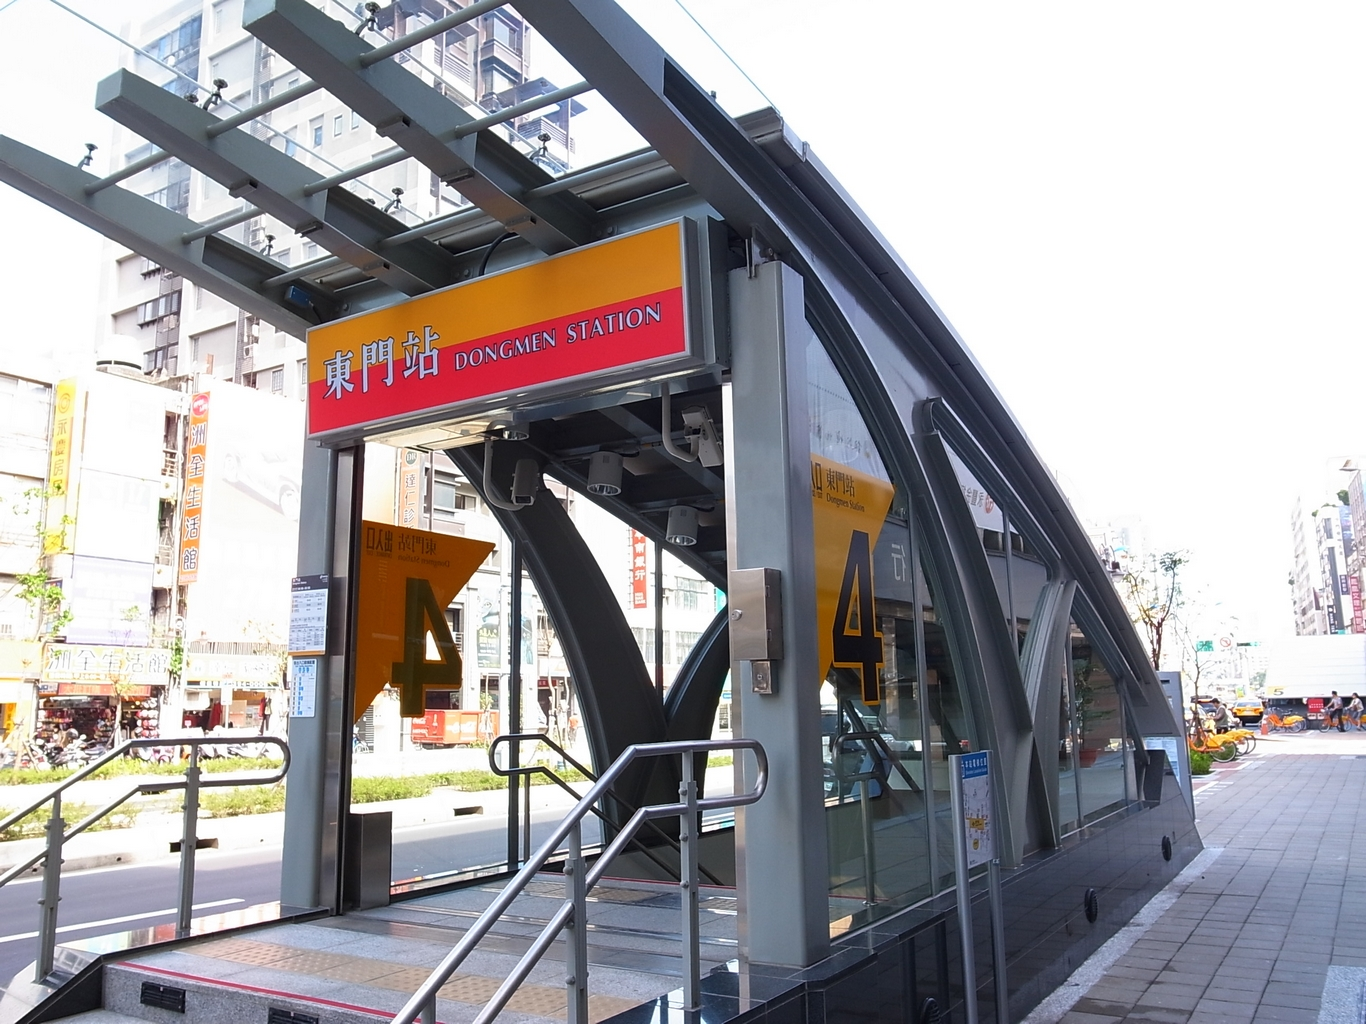 DongMen MRT Station